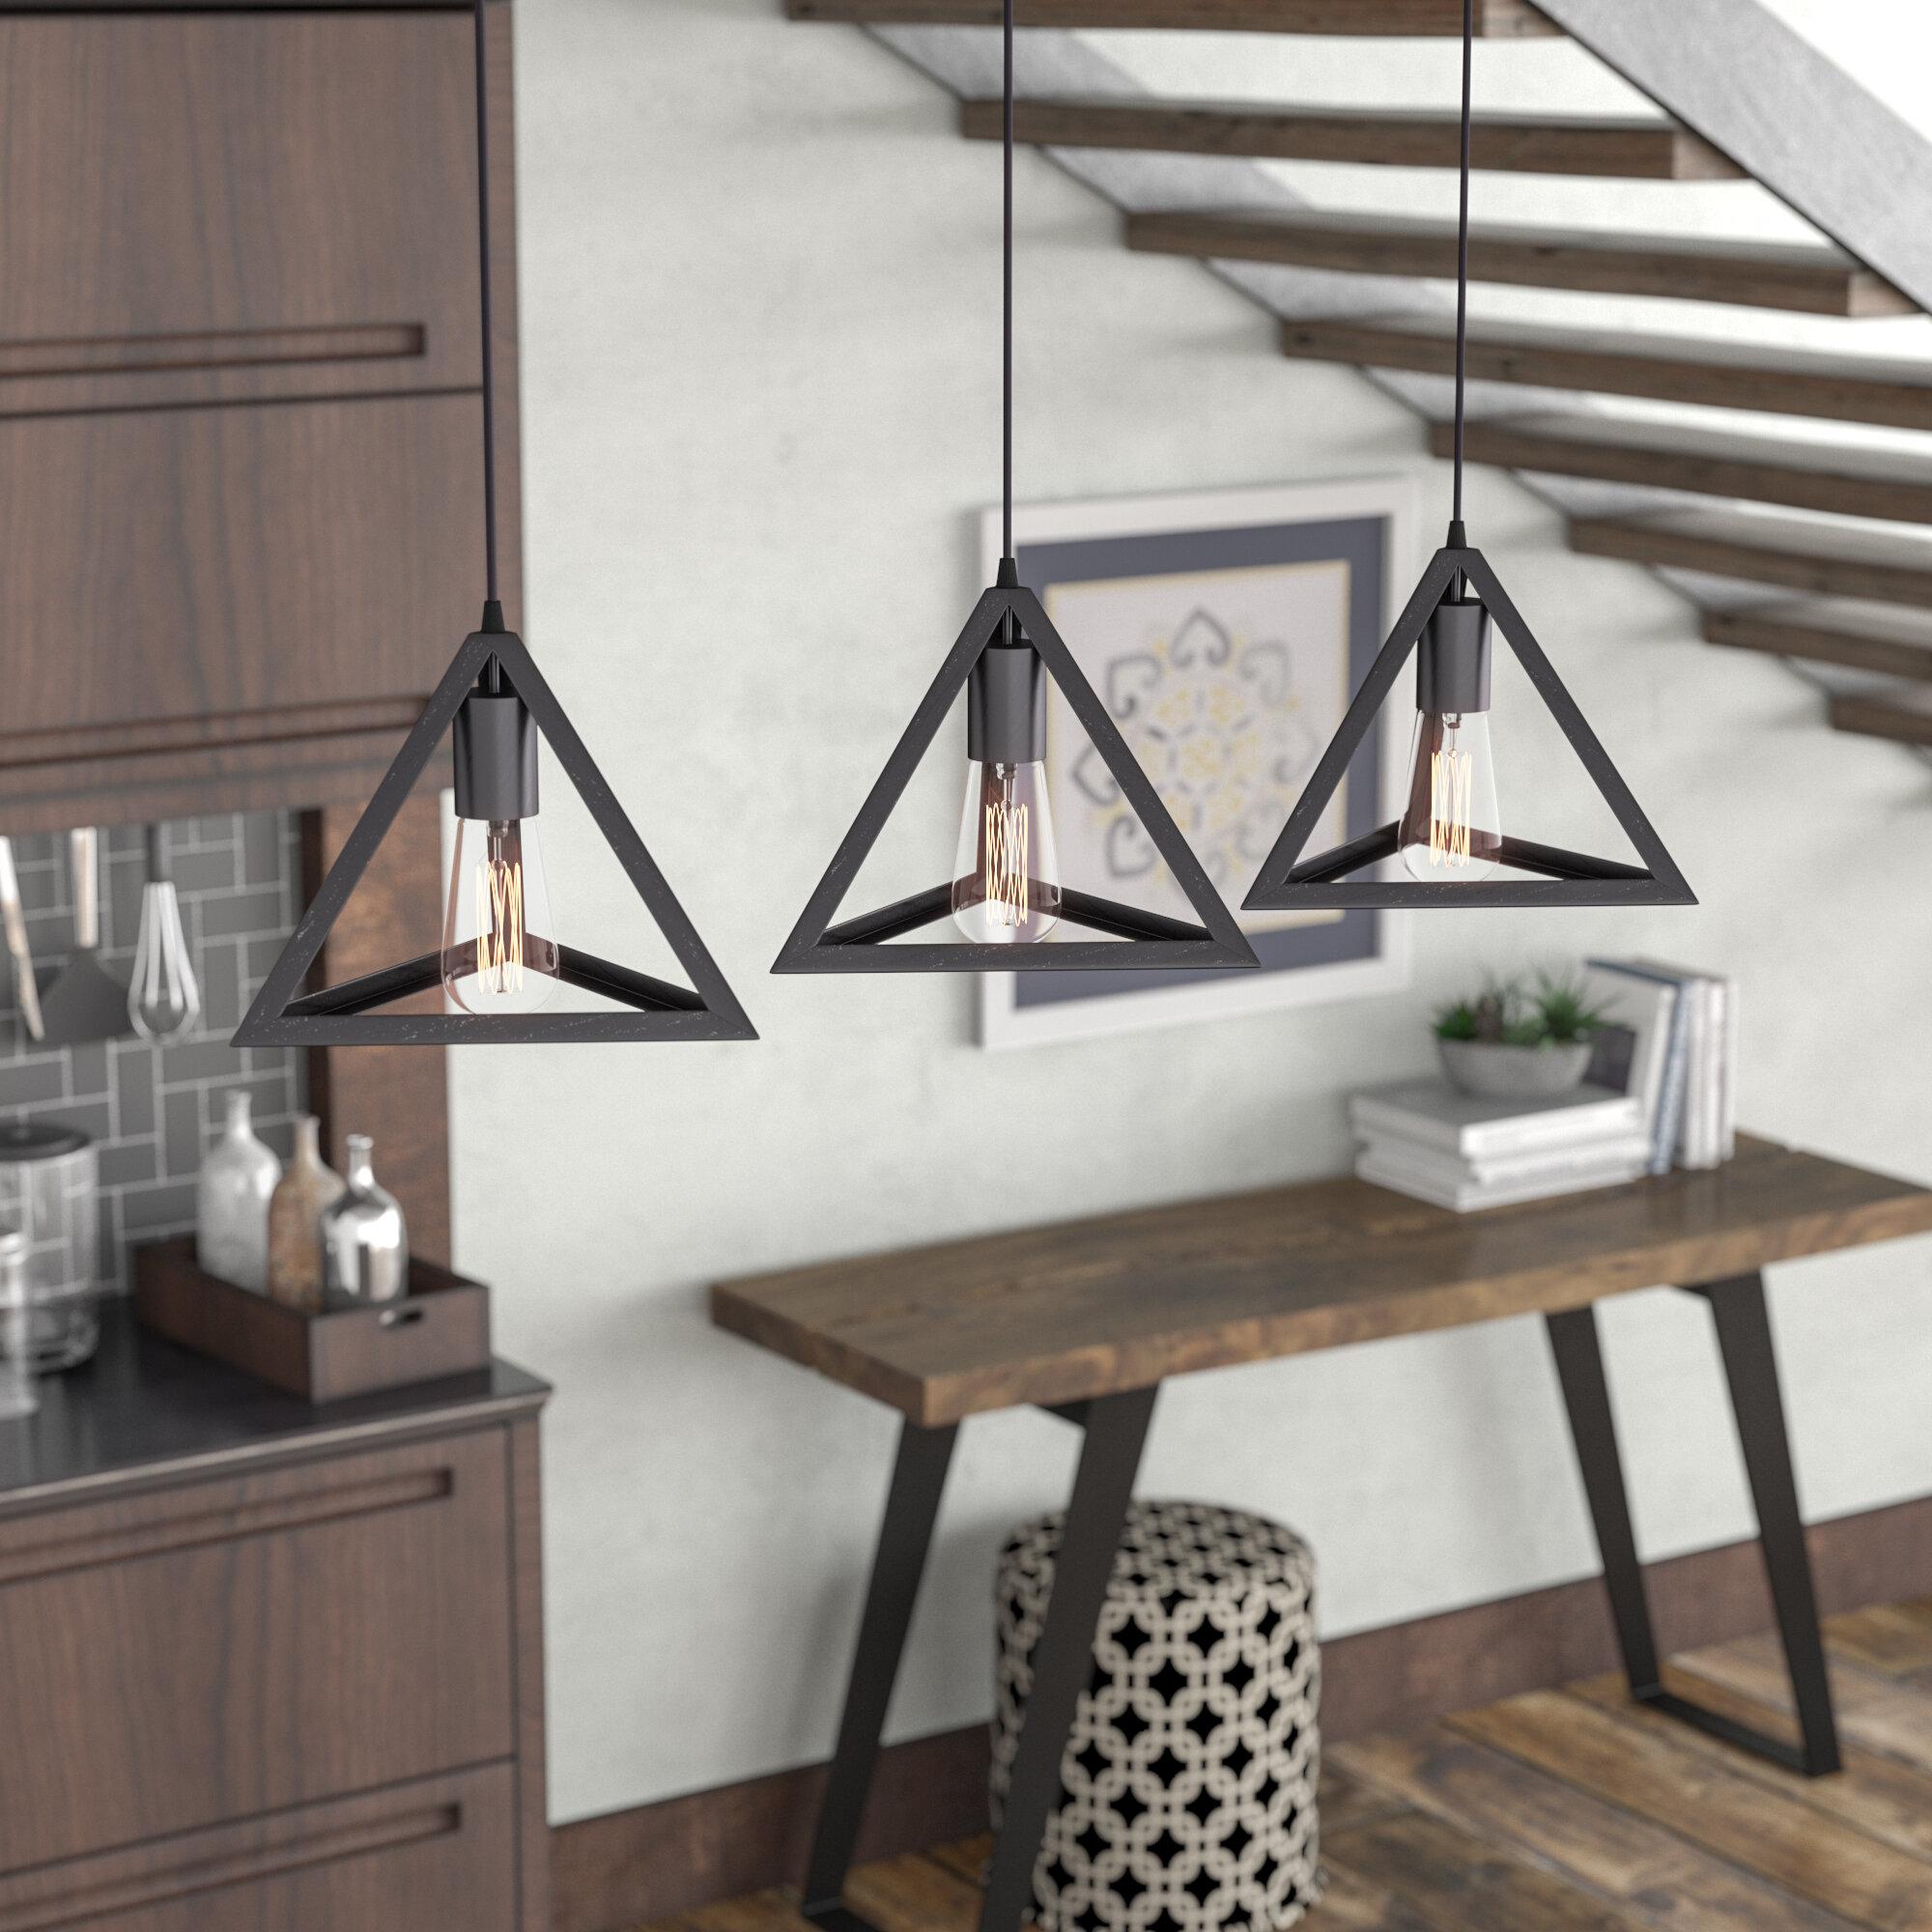 Brayden Studio Merriam 3-Light Kitchen Island Pendant & Reviews ...